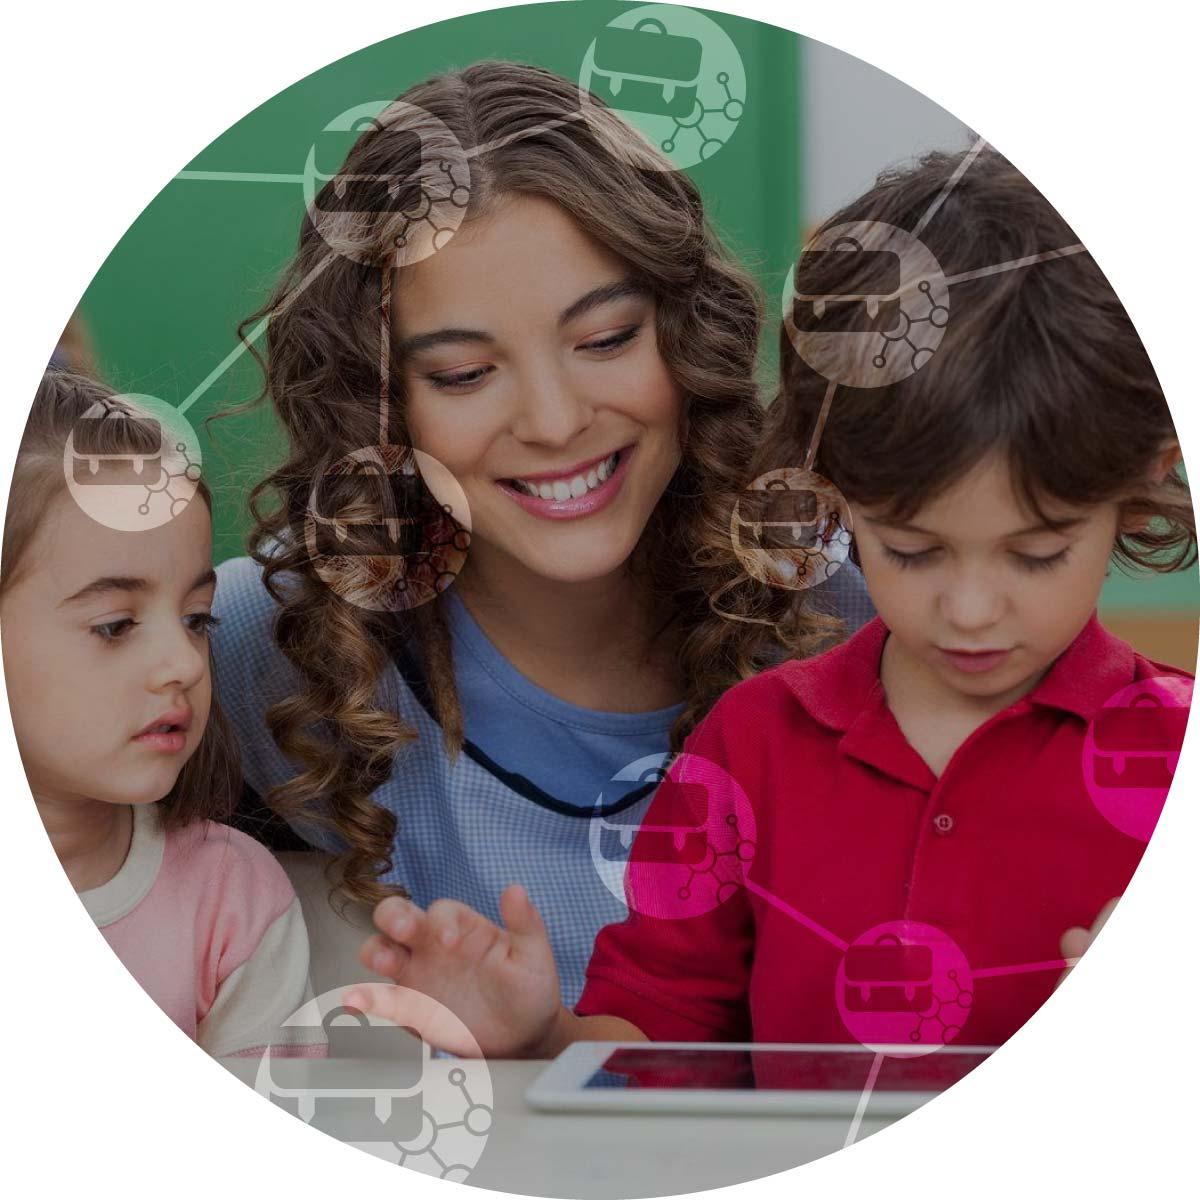 Učitelka a dvě děti se dívají na tablet